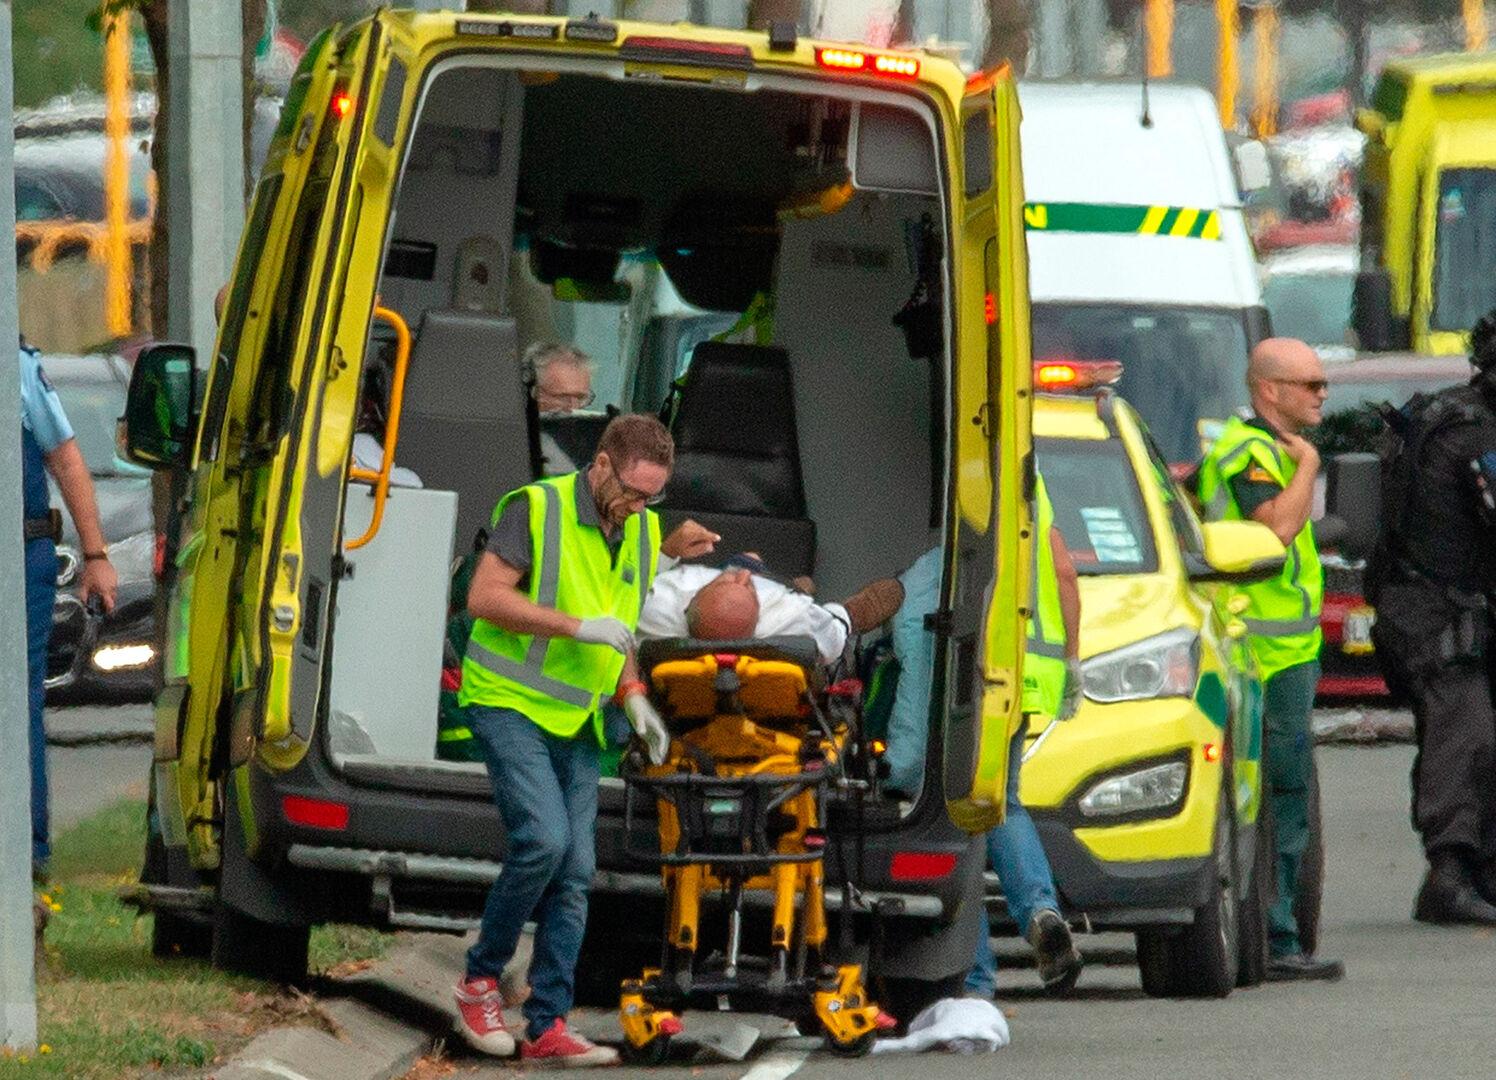 Atentado En Nueva Zelanda Hd: 49 Muertos En Nueva Zelanda En Un Atentado A Tiros Contra